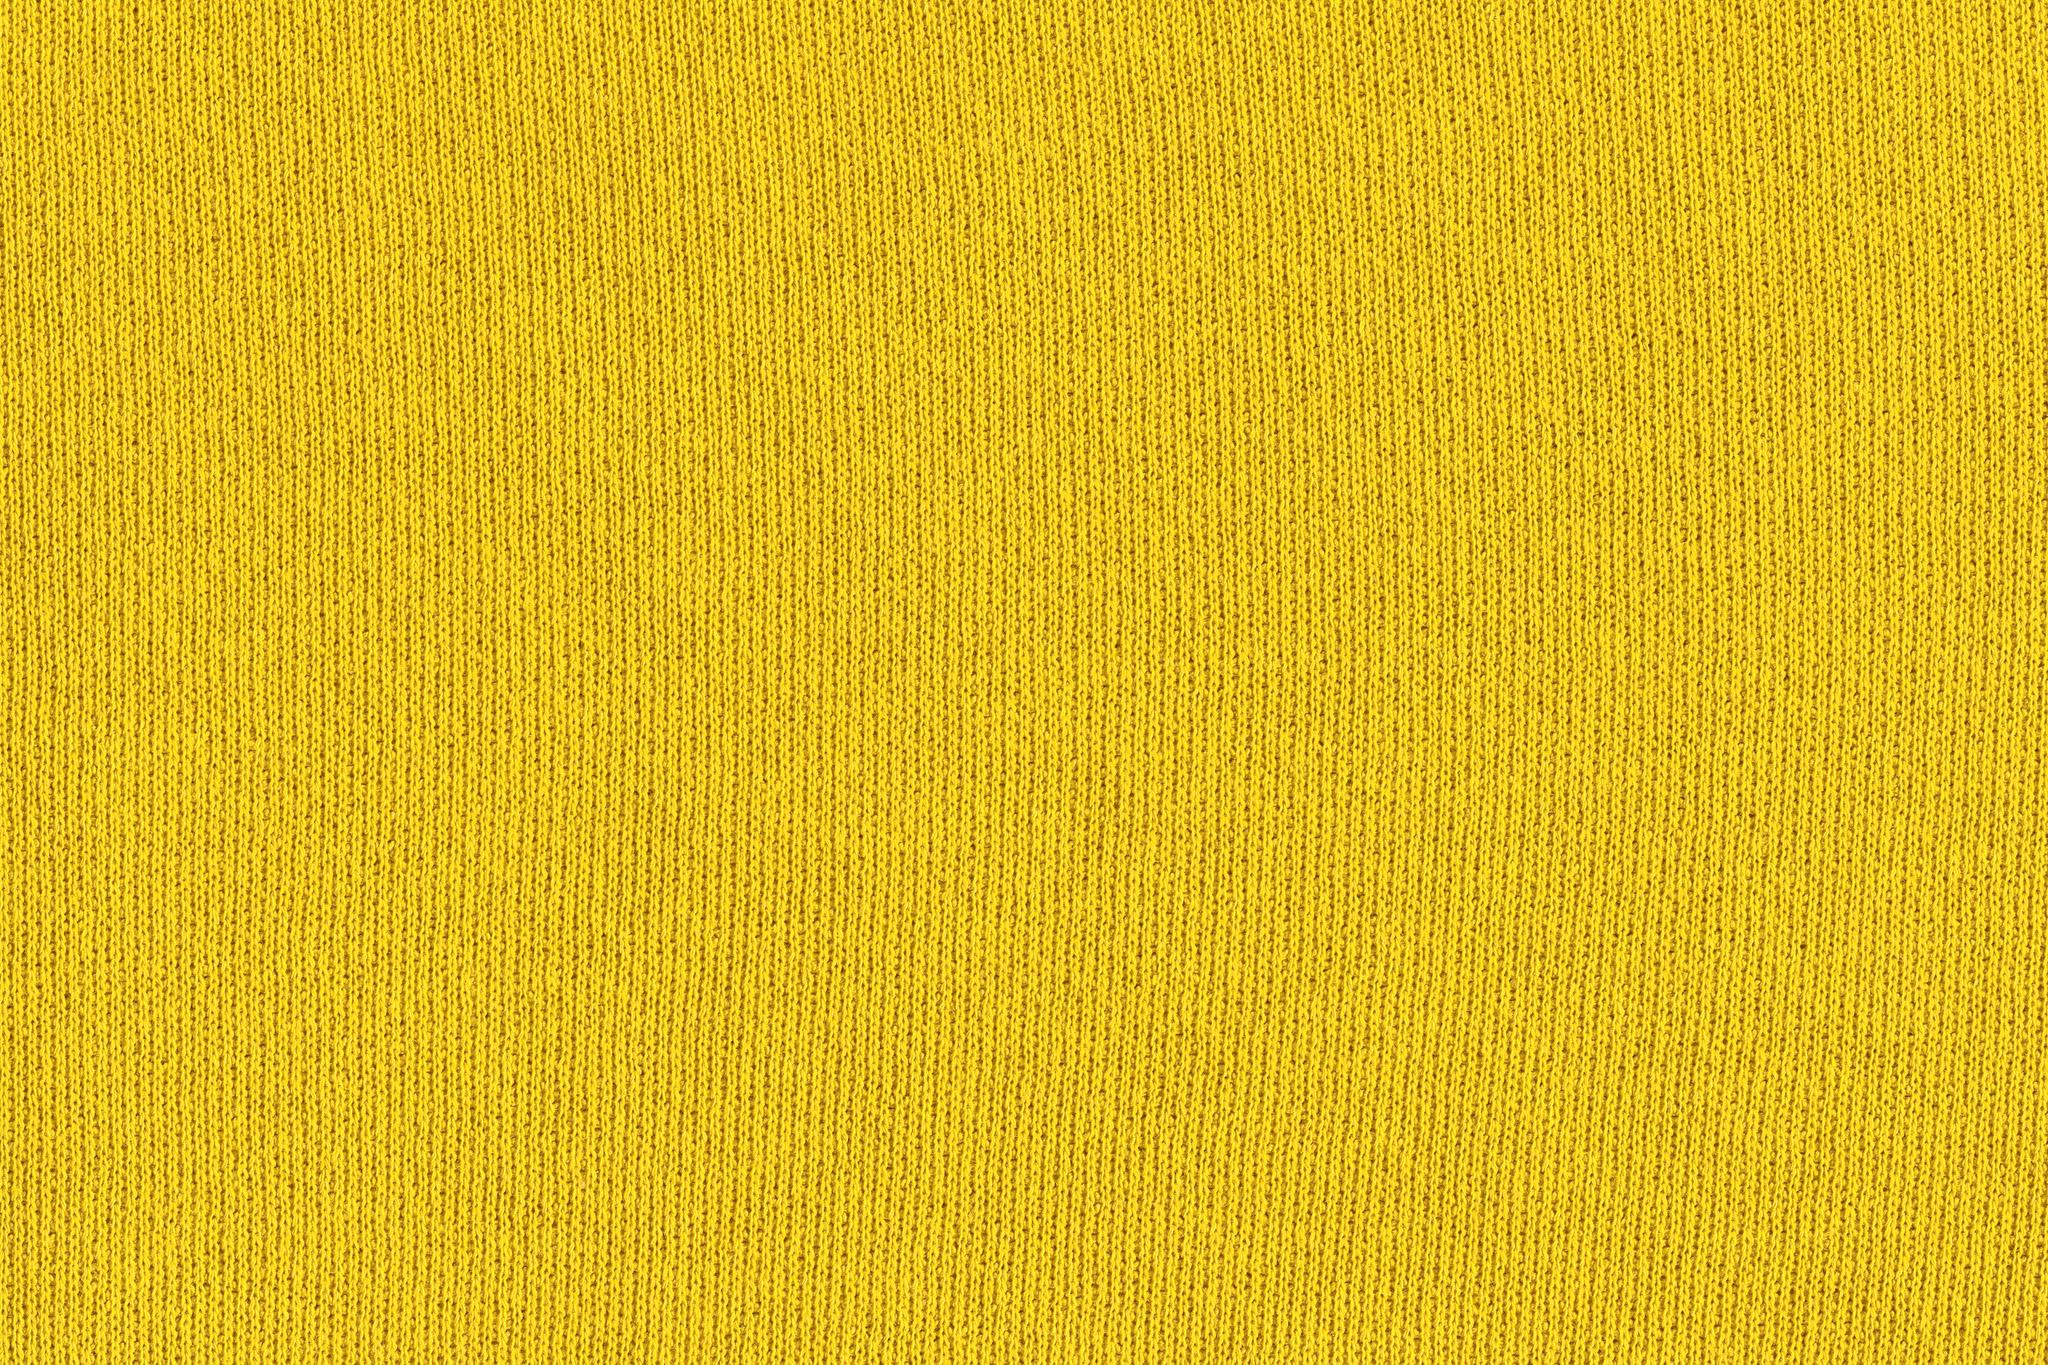 「黄色い伸縮性のある布」の画像を無料ダウンロード